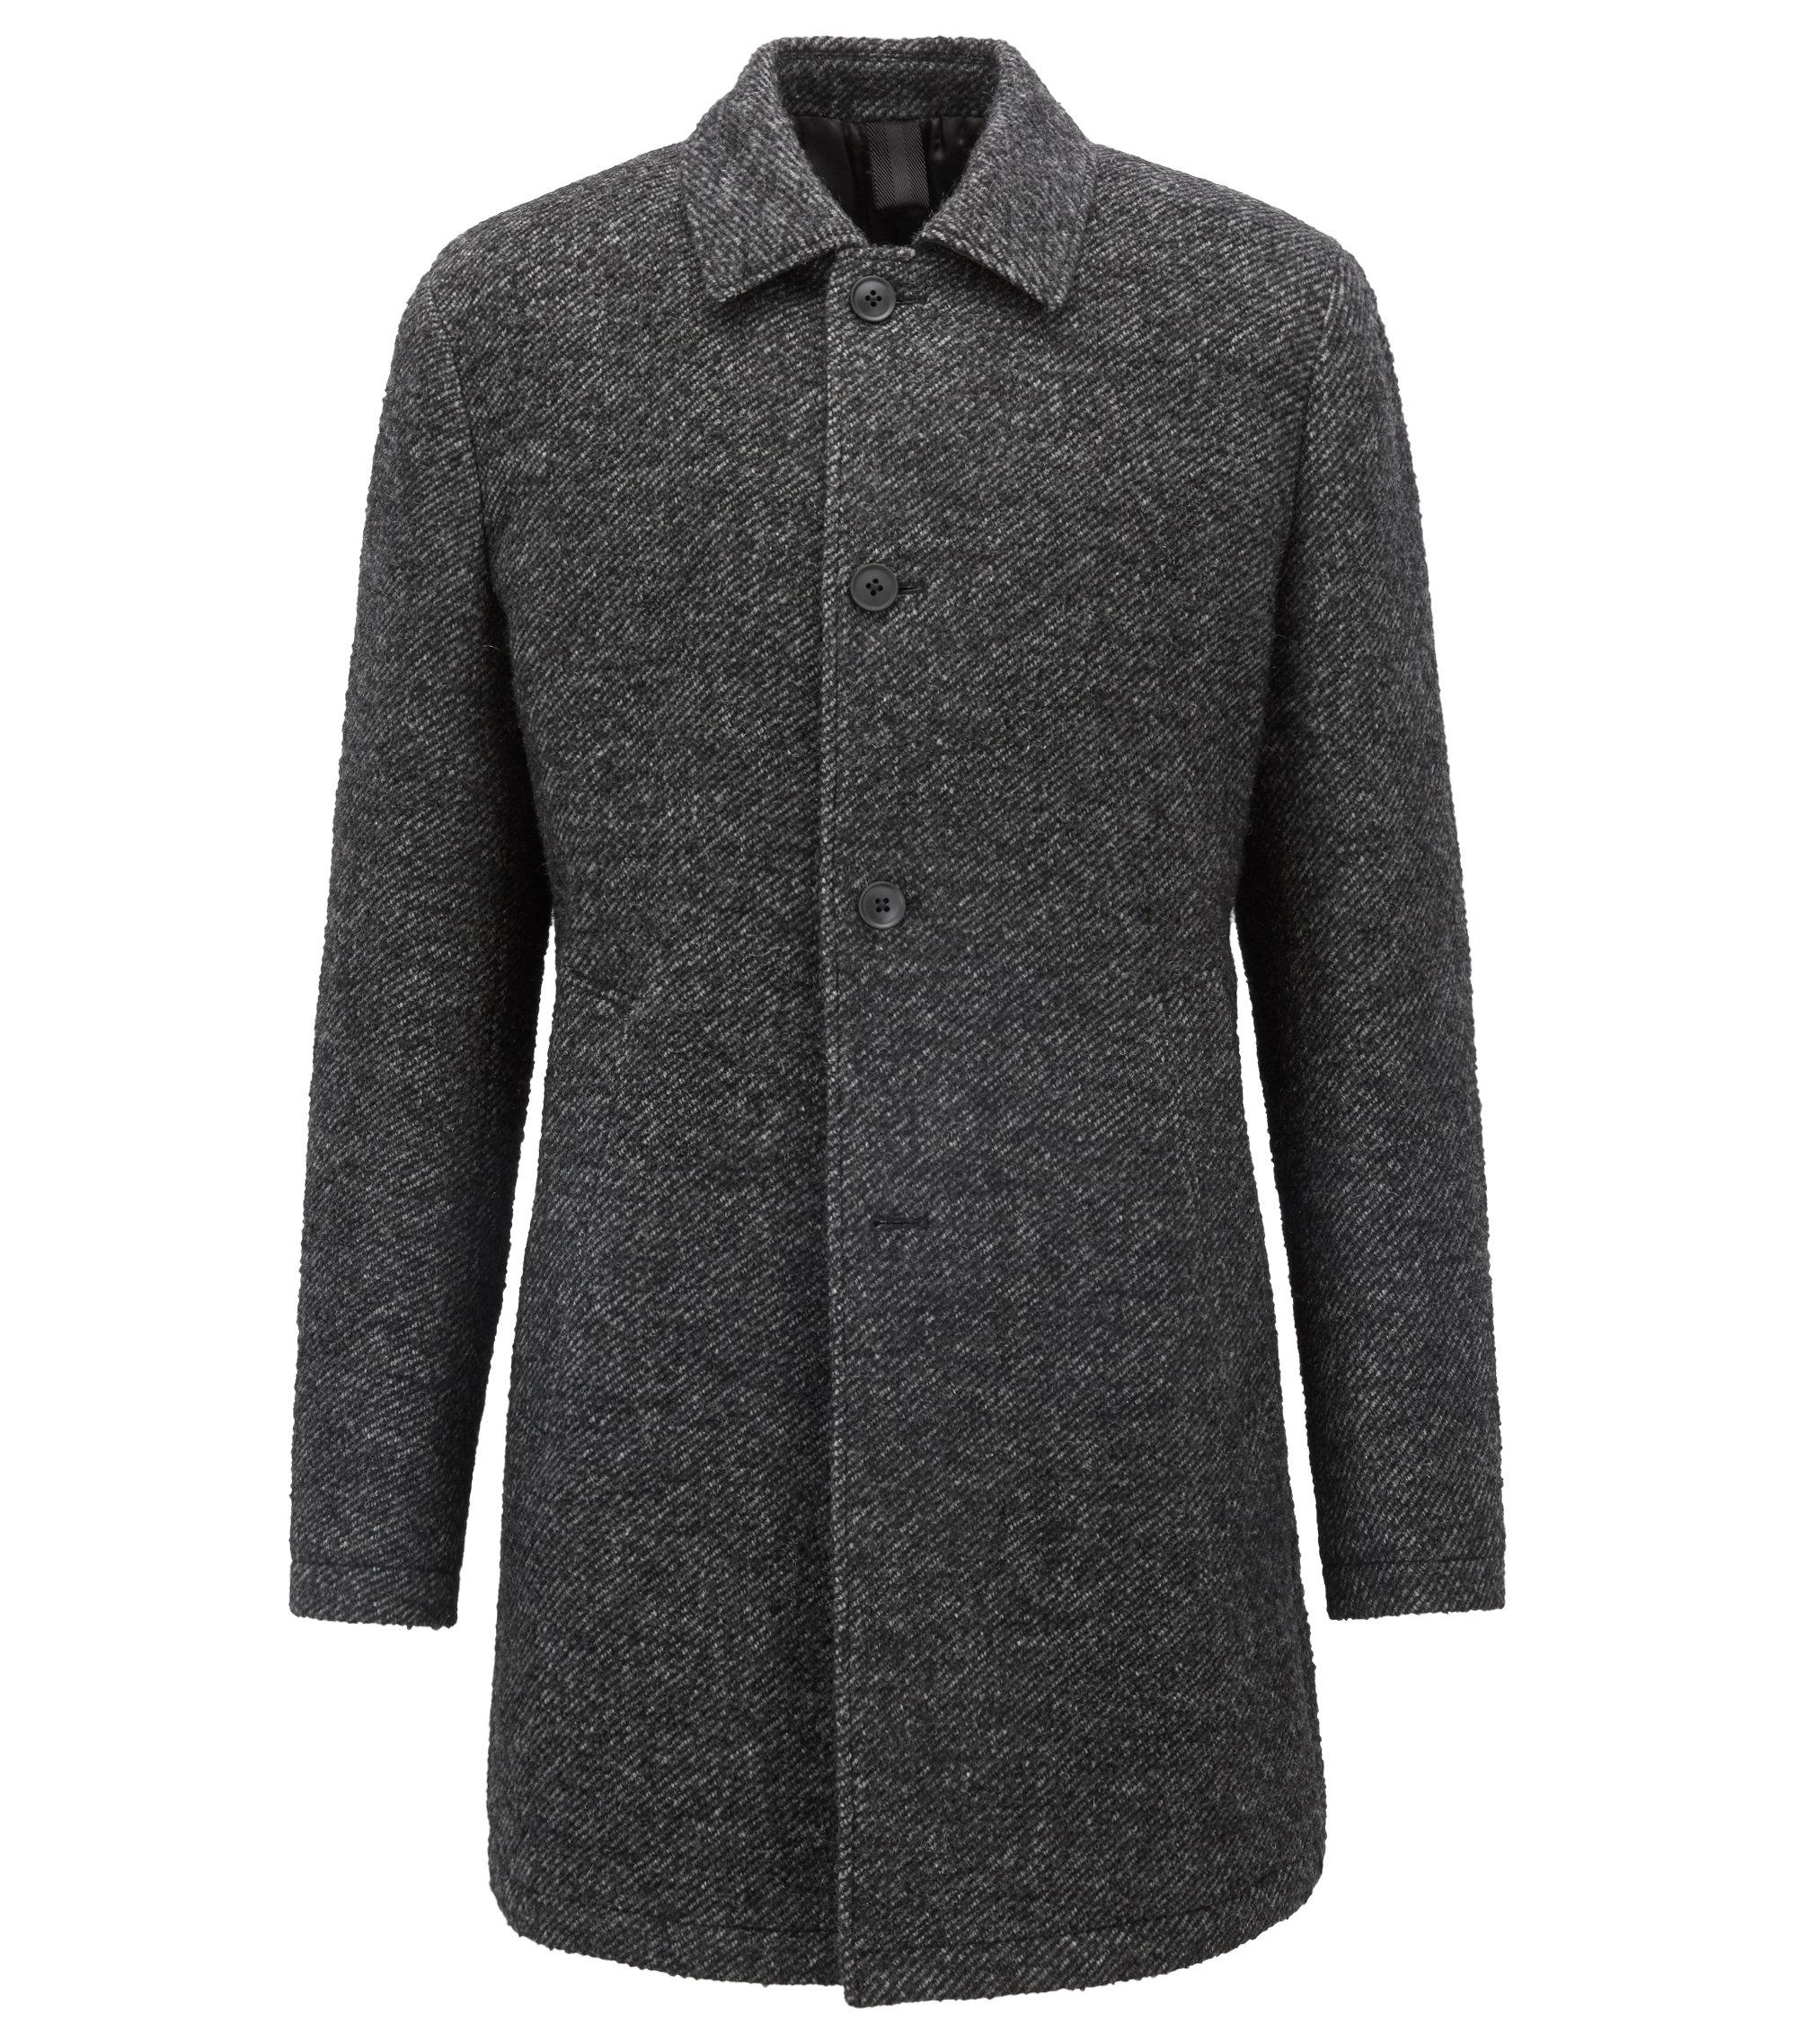 Manteau court Slim Fit en twill bicolore rembourré, Noir